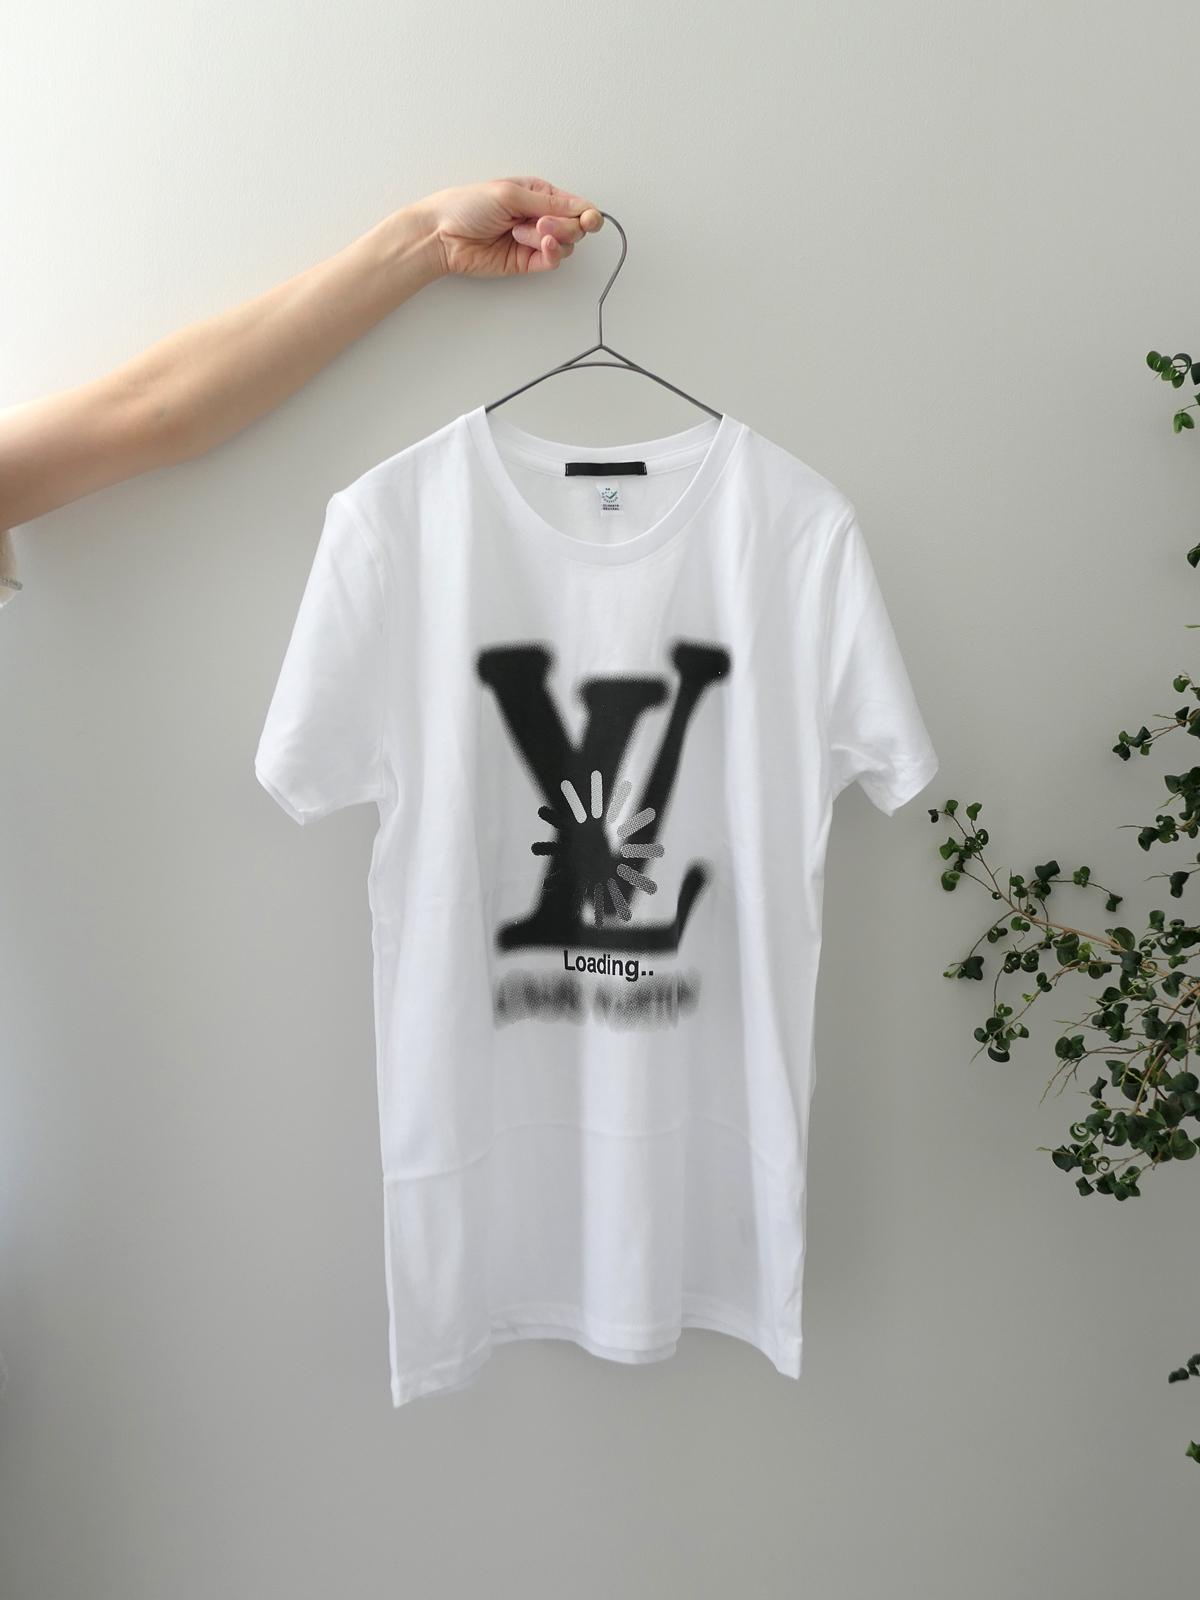 Black Score の Tシャツが入荷いたしました!_c0176078_16514623.jpg